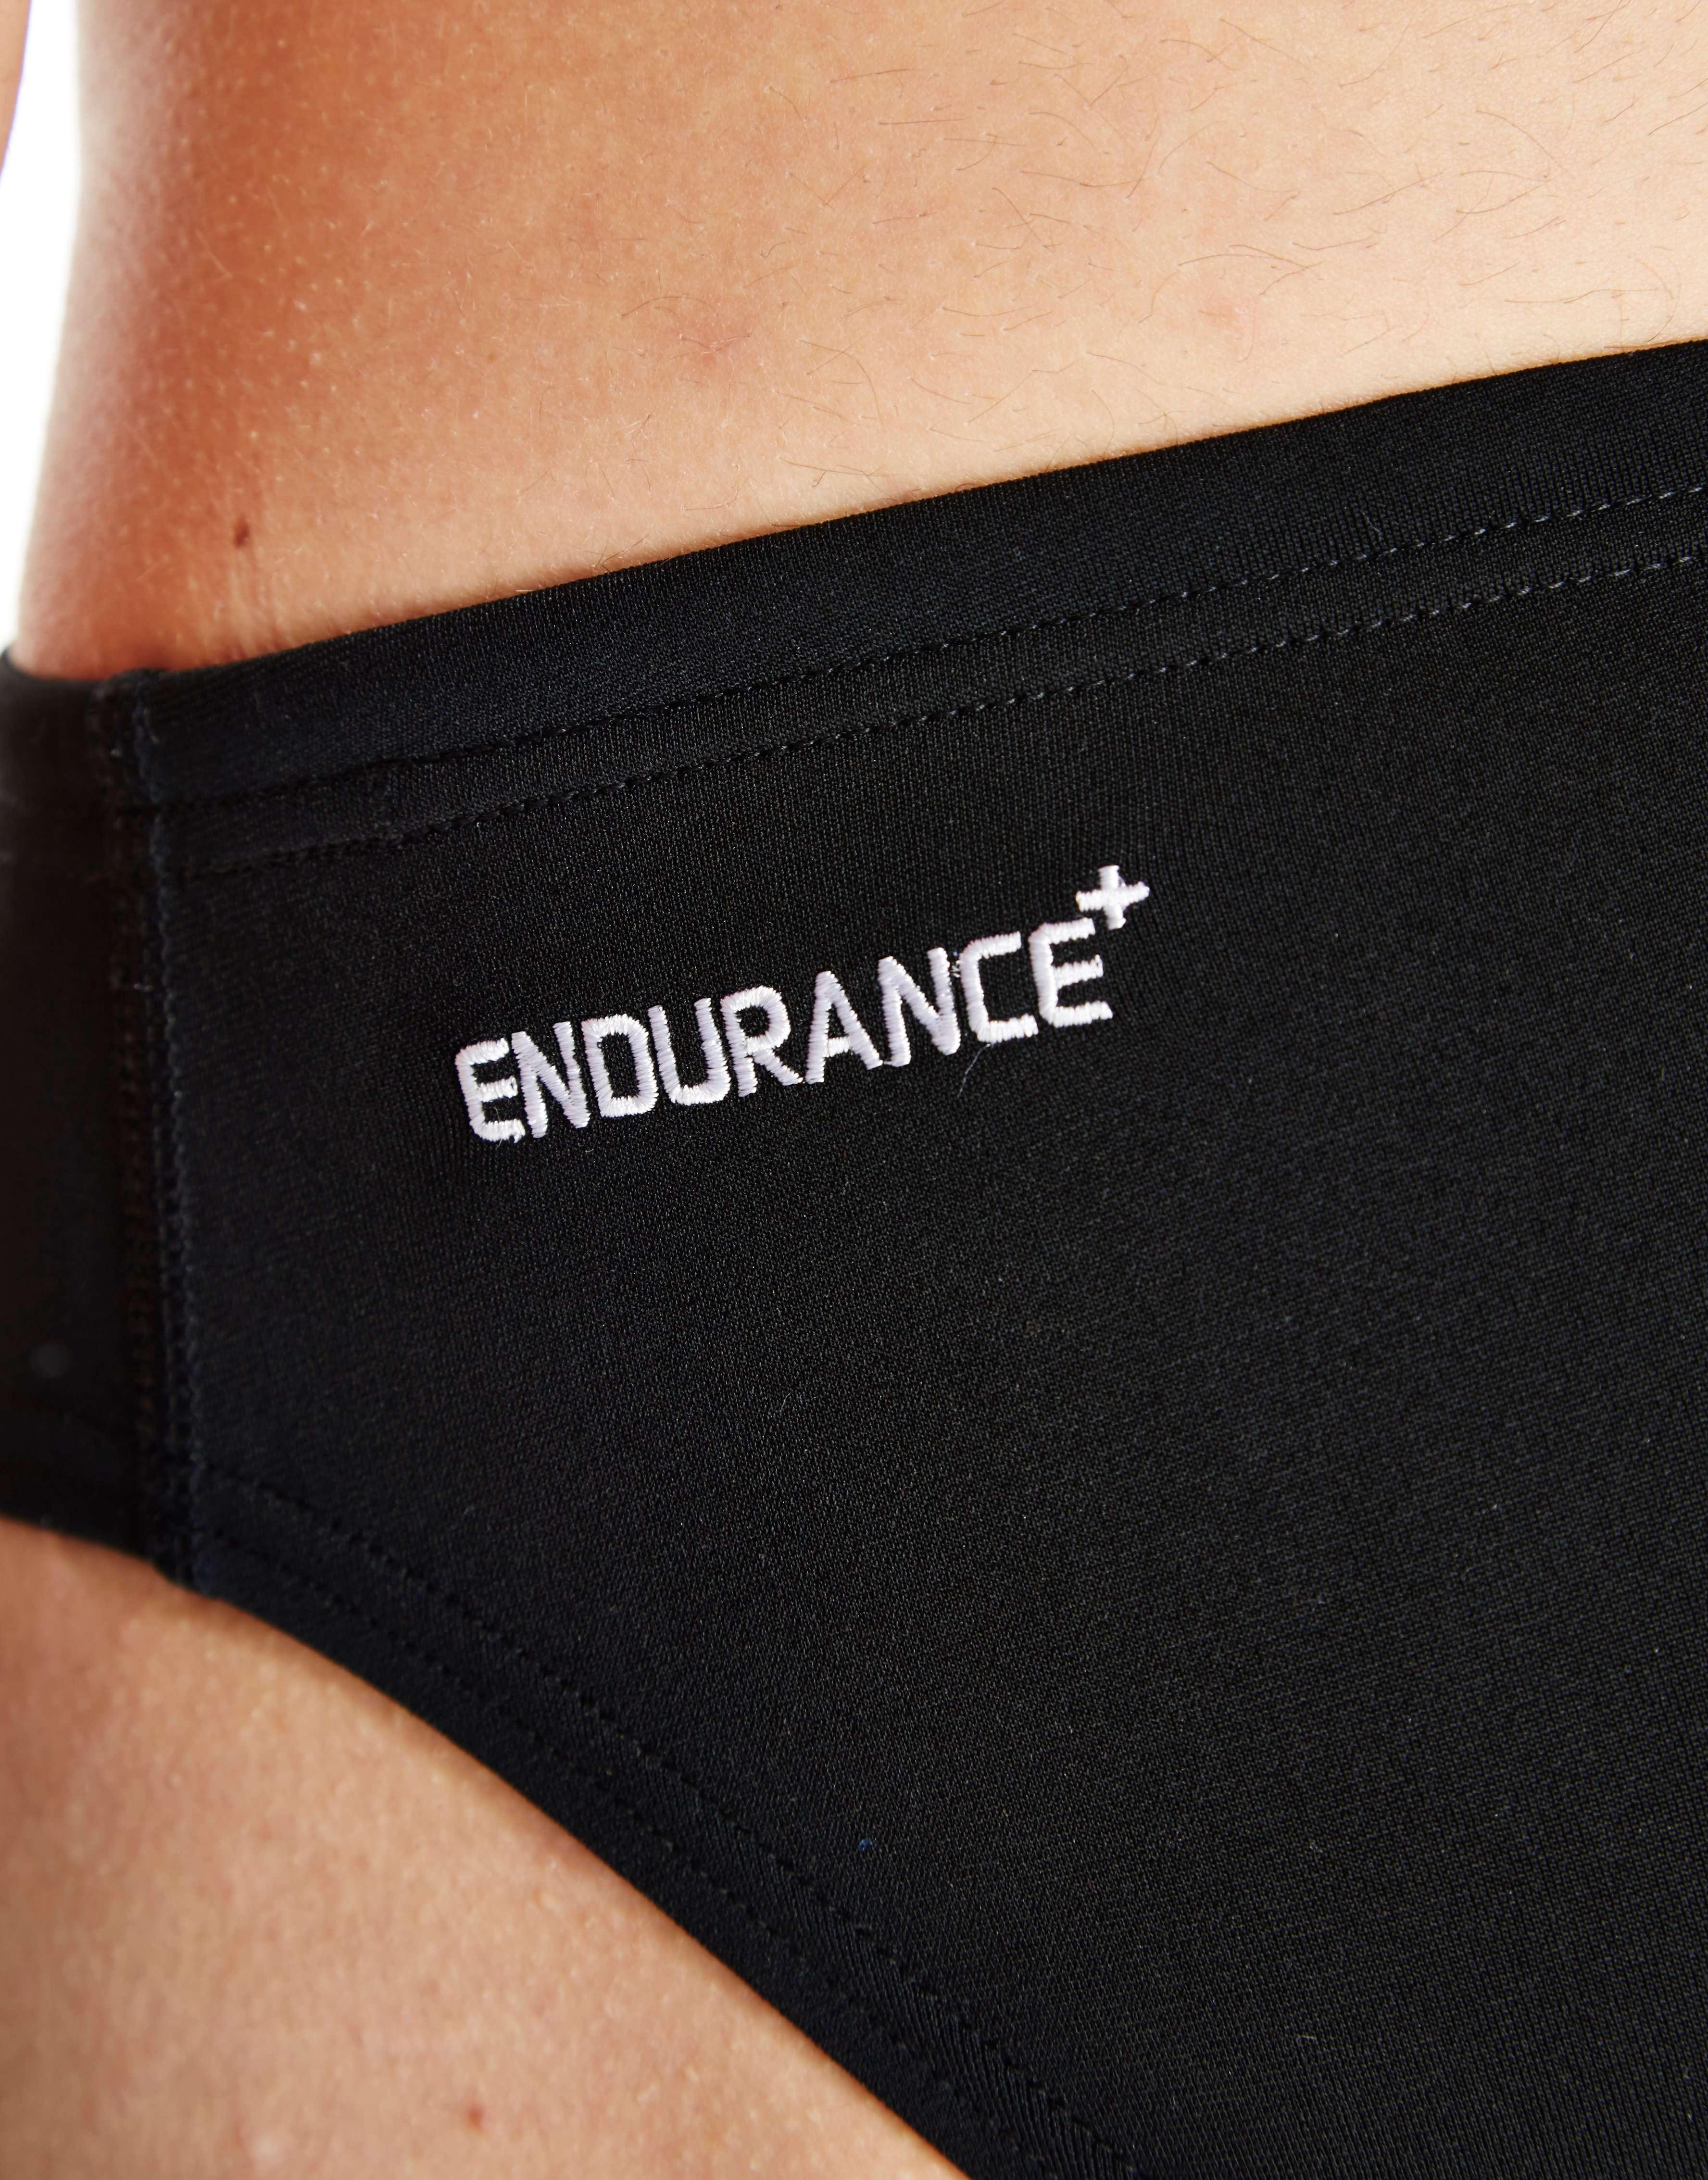 Speedo Endurance+ Swimming Briefs